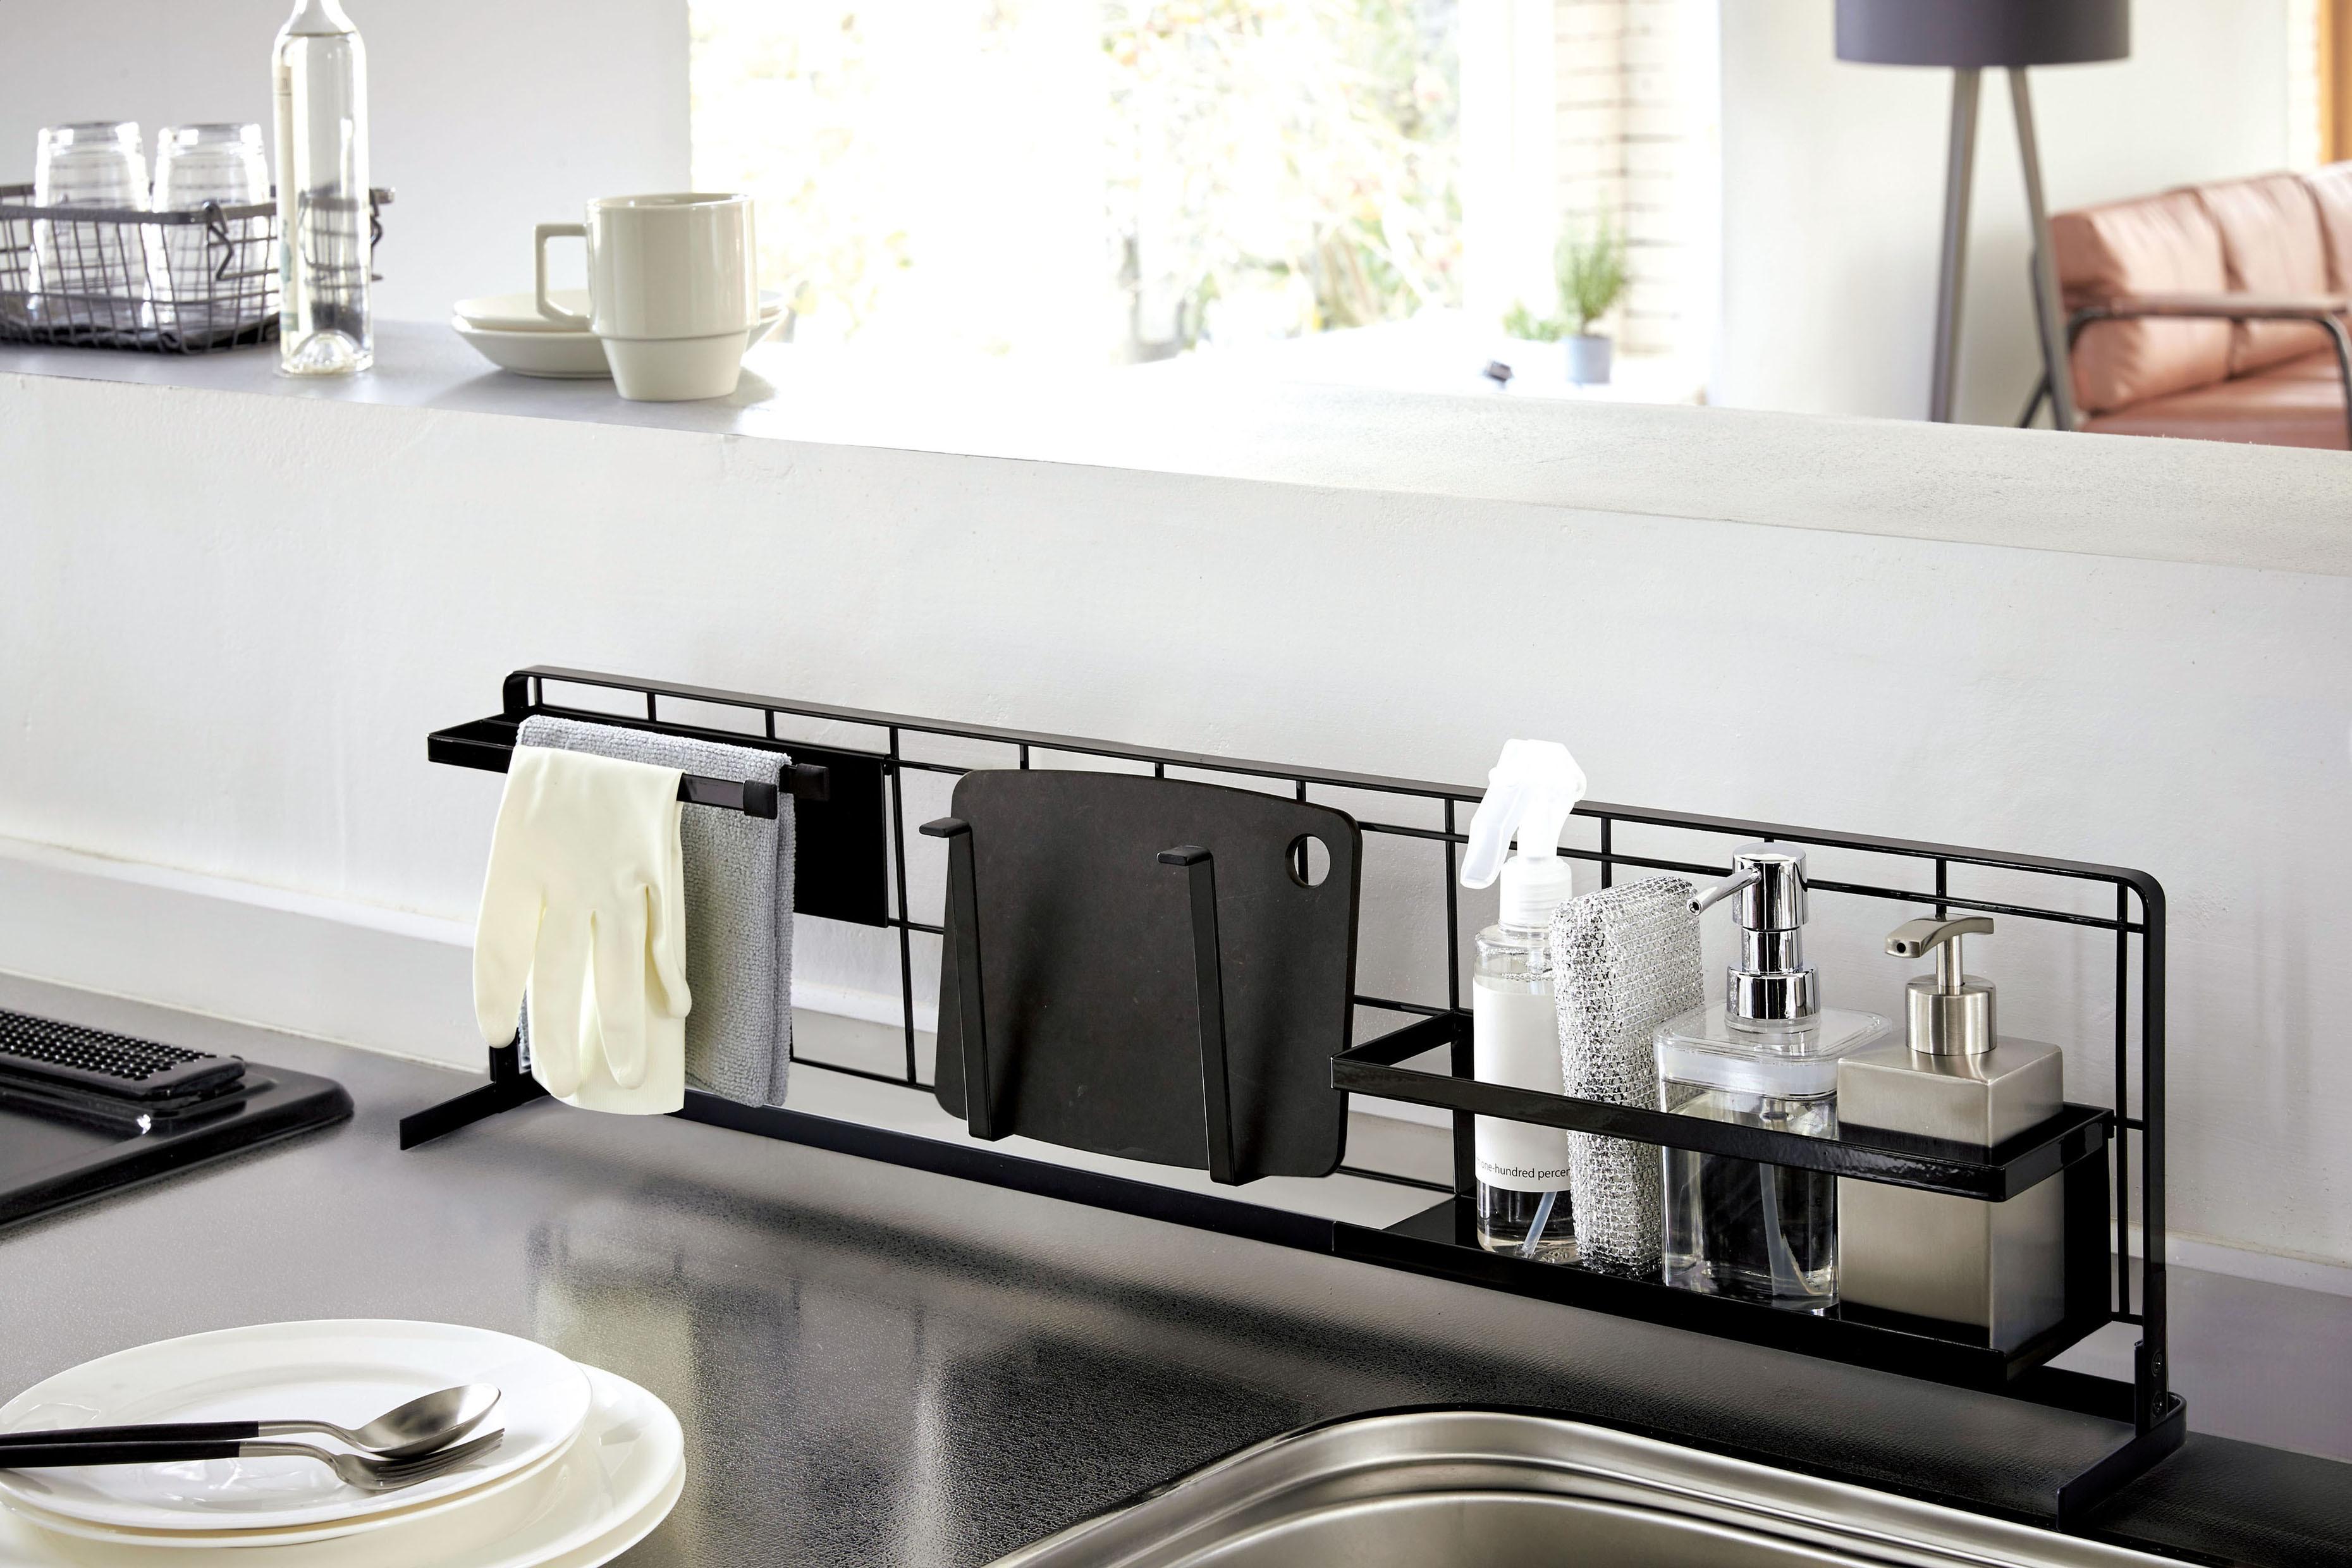 キッチンをスタイリッシュに!!キッチンメッシュパネル横型